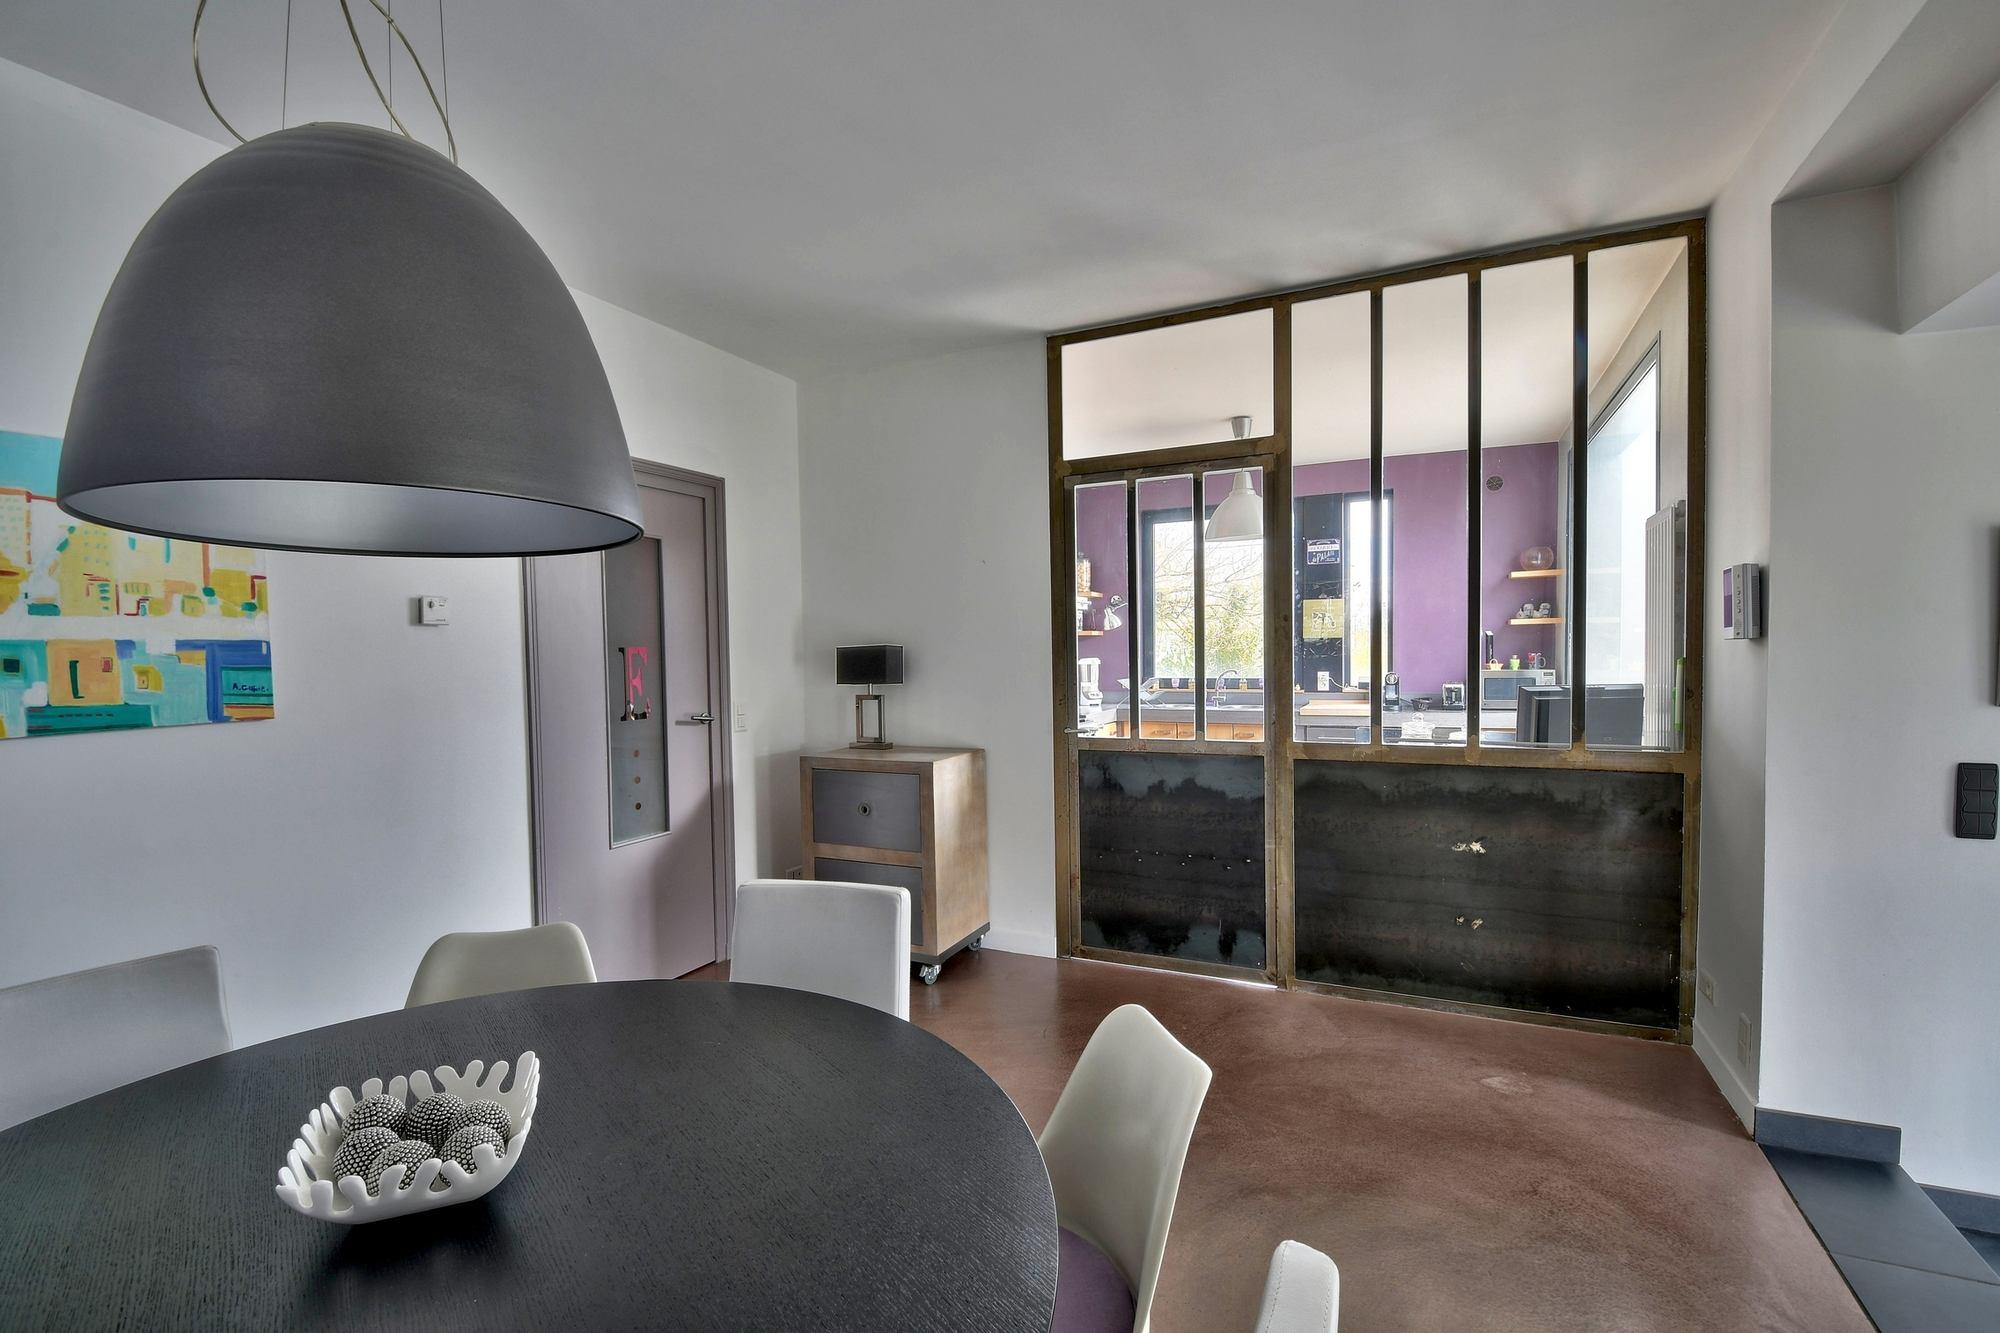 Photos du coin repas pour la vente d'une maison d'architecte à Dommartin 69380 Chemin du Moutonnier